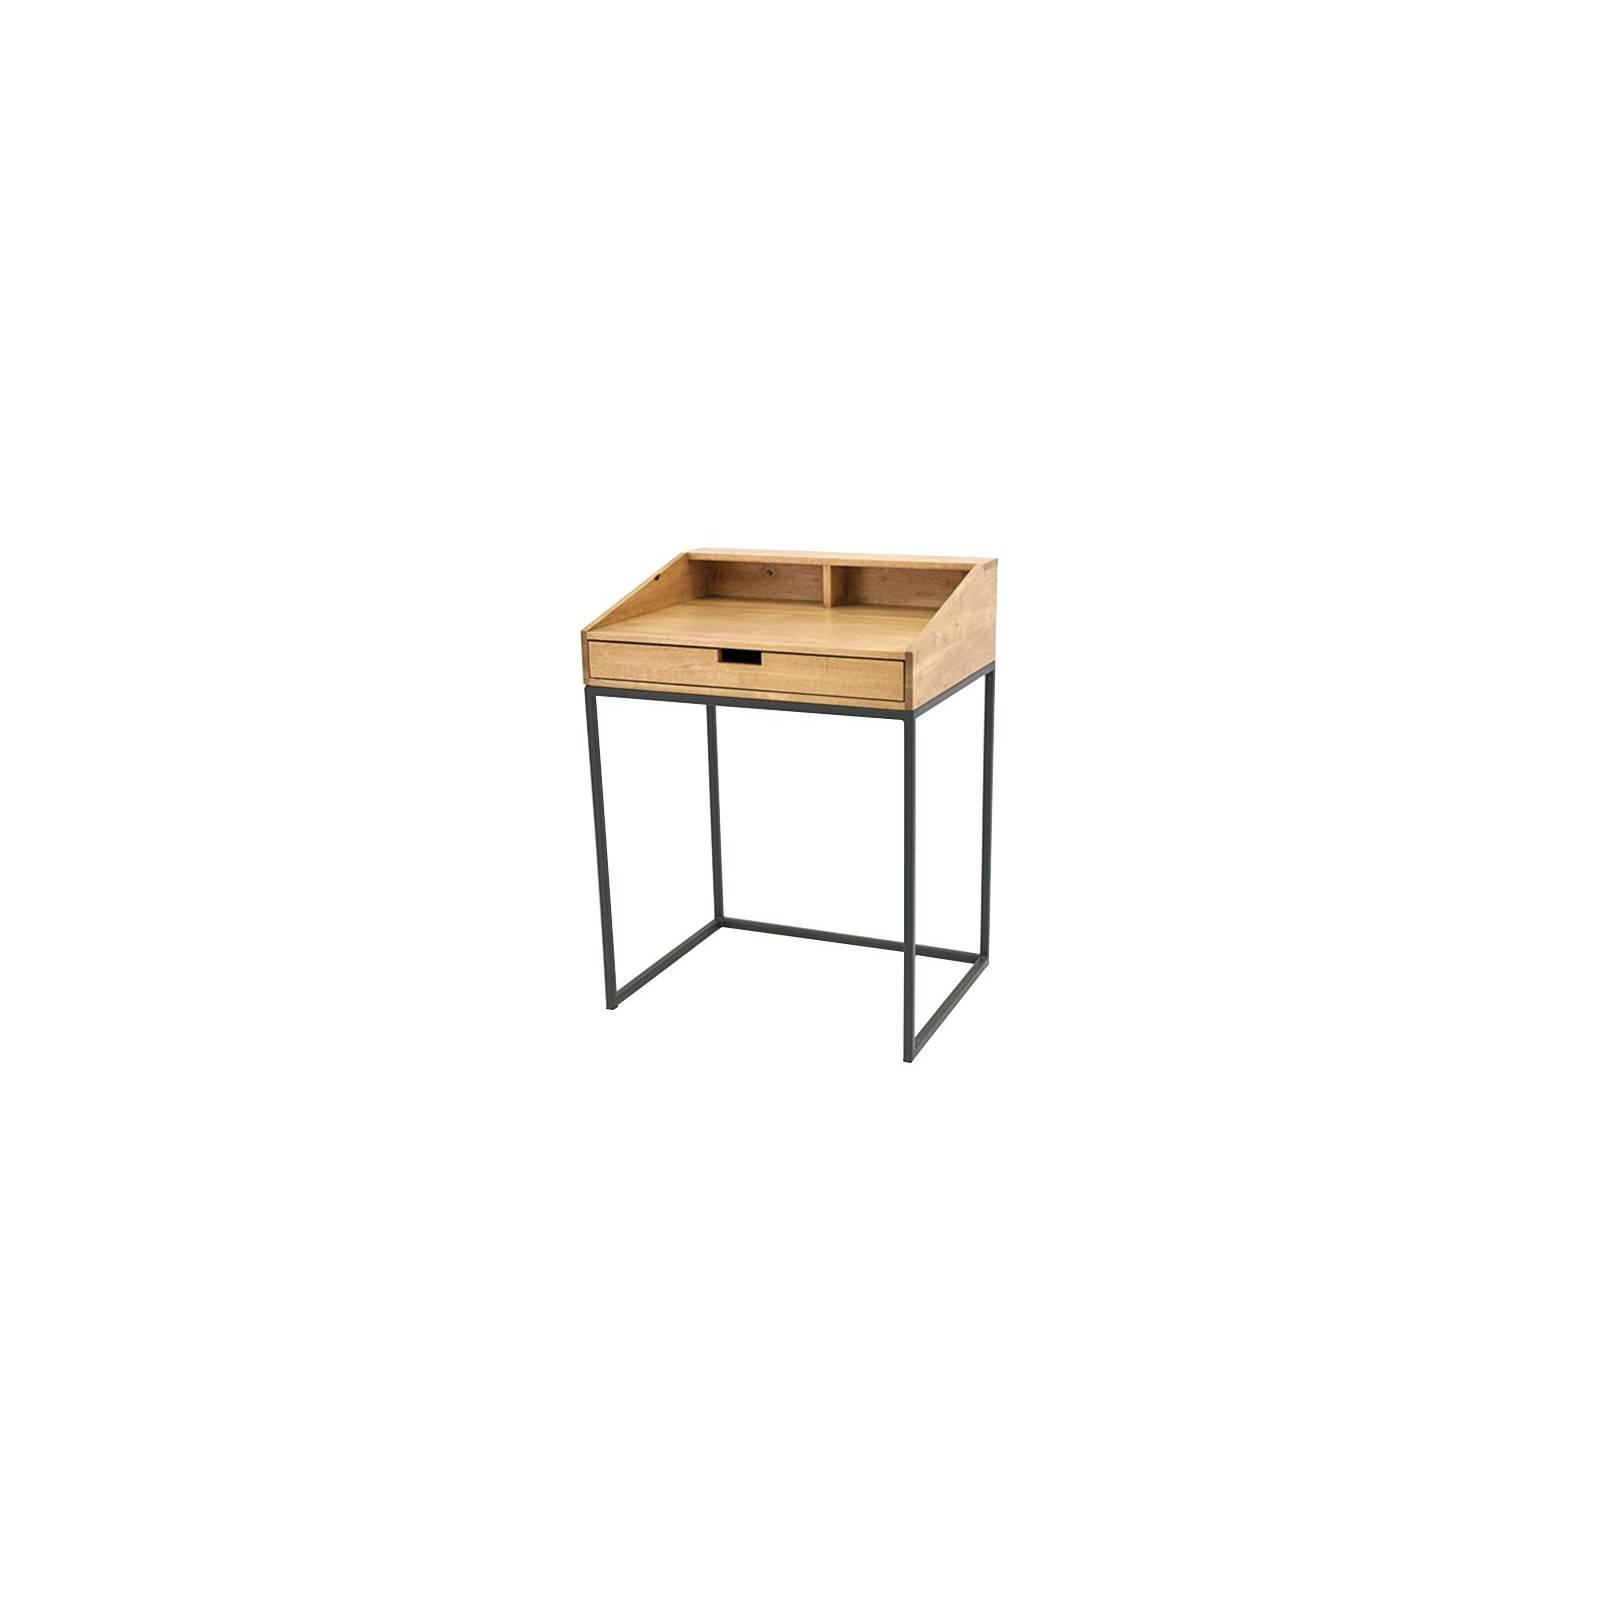 Bureau Berlin Hévéa - meuble bois exotique